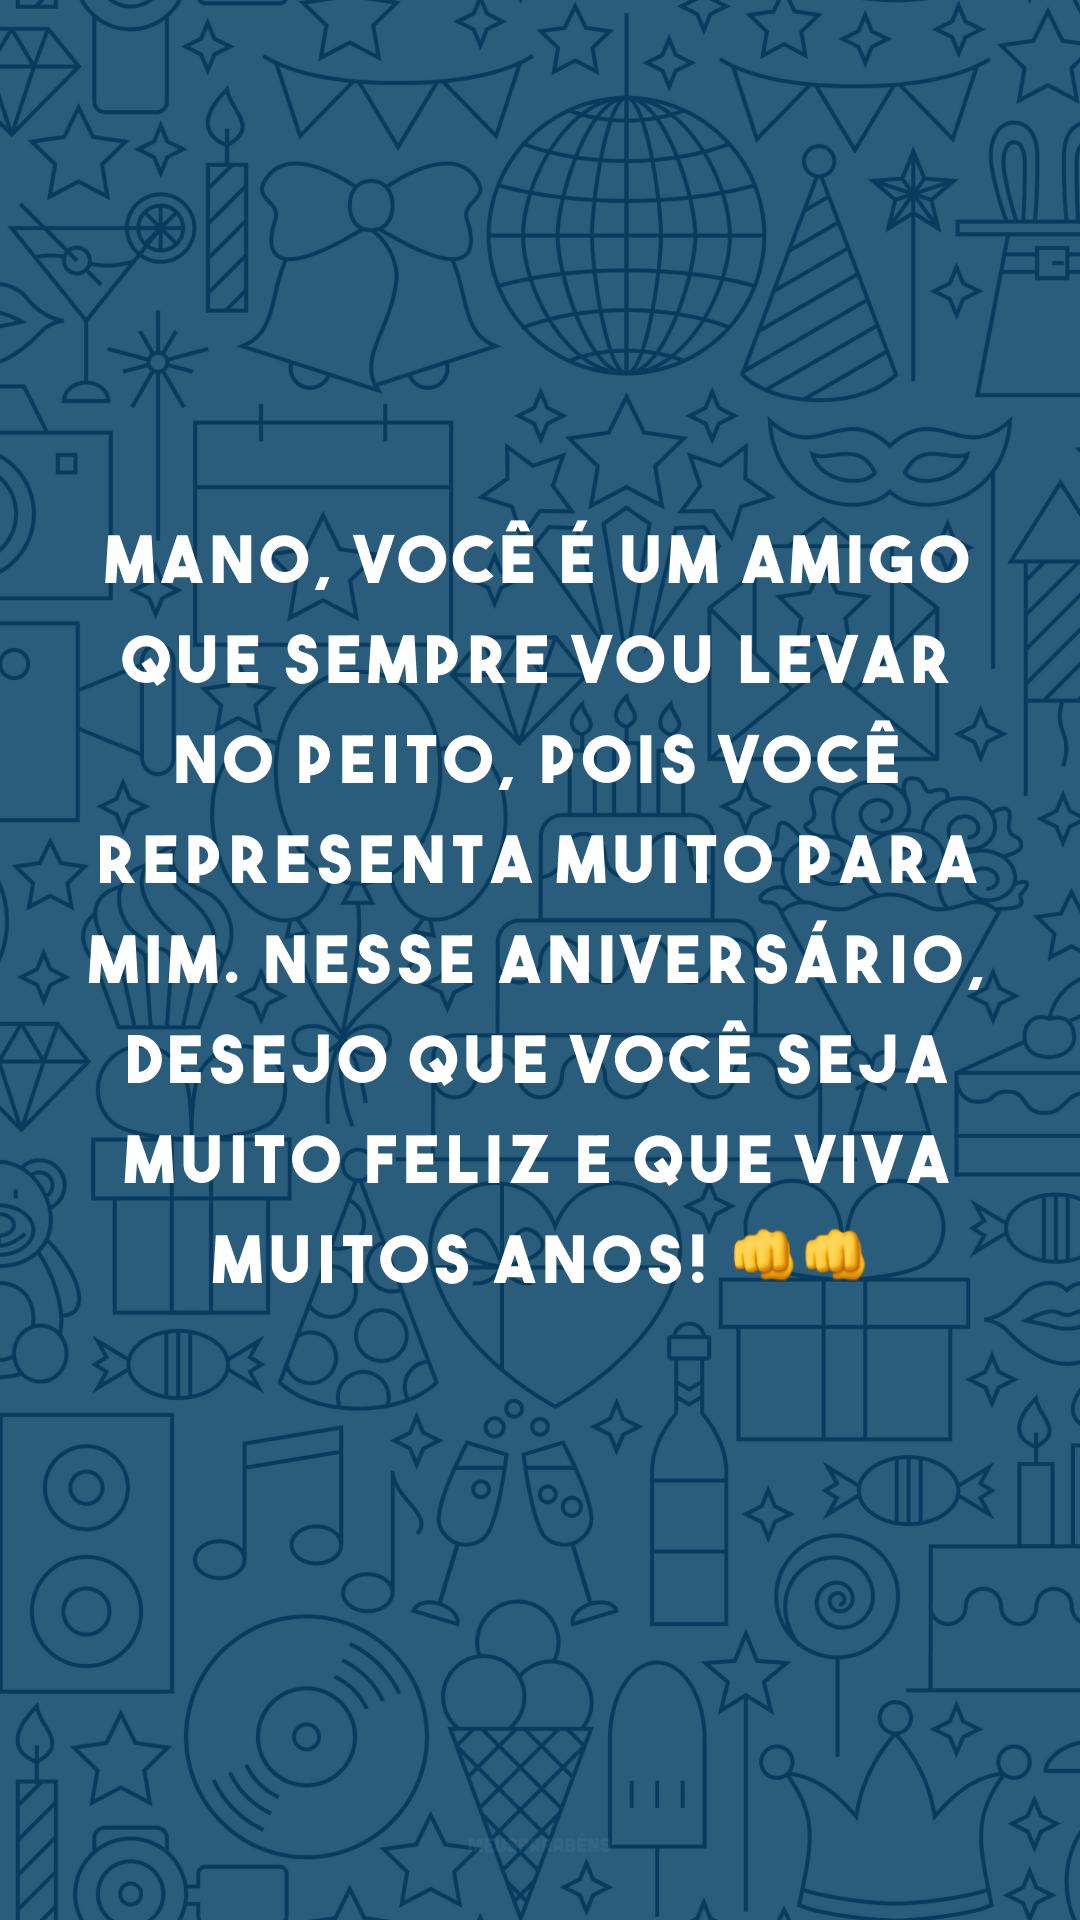 Mano, você é um amigo que sempre vou levar no peito, pois você representa muito para mim. Nesse aniversário, desejo que você seja muito feliz e que viva muitos anos! 👊👊